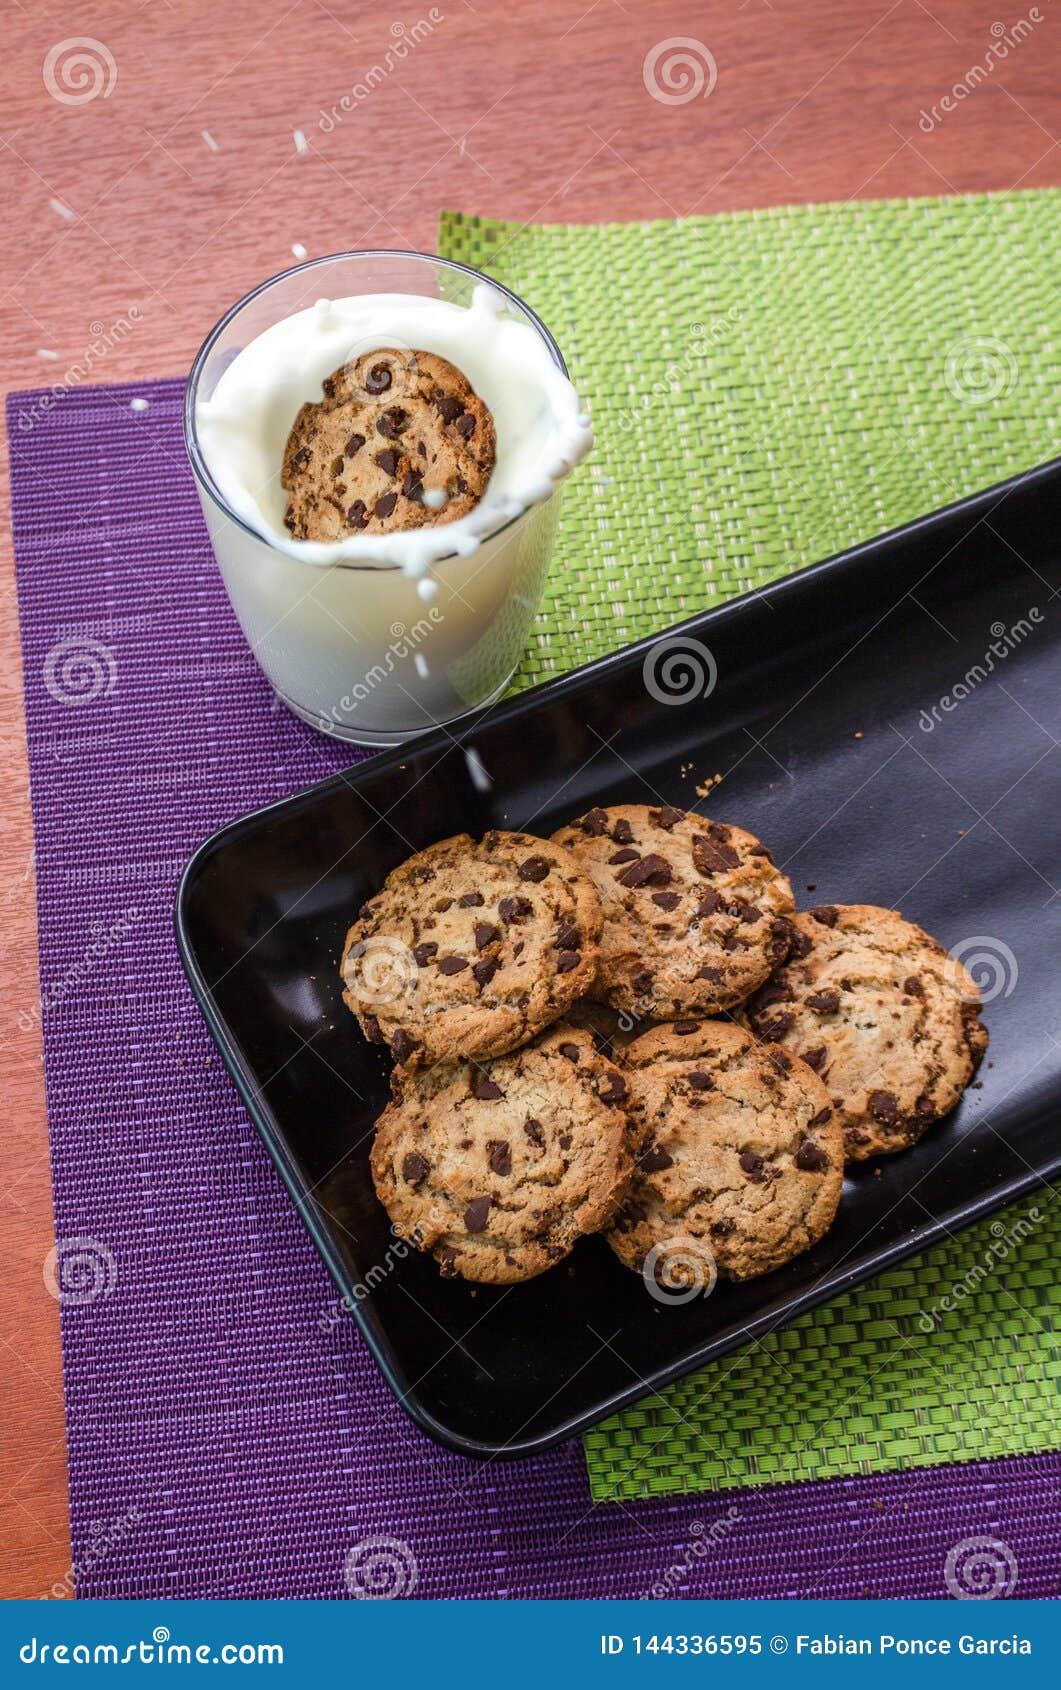 El chapoteo de la leche causó por la galleta con las chispas del chocolate que caían